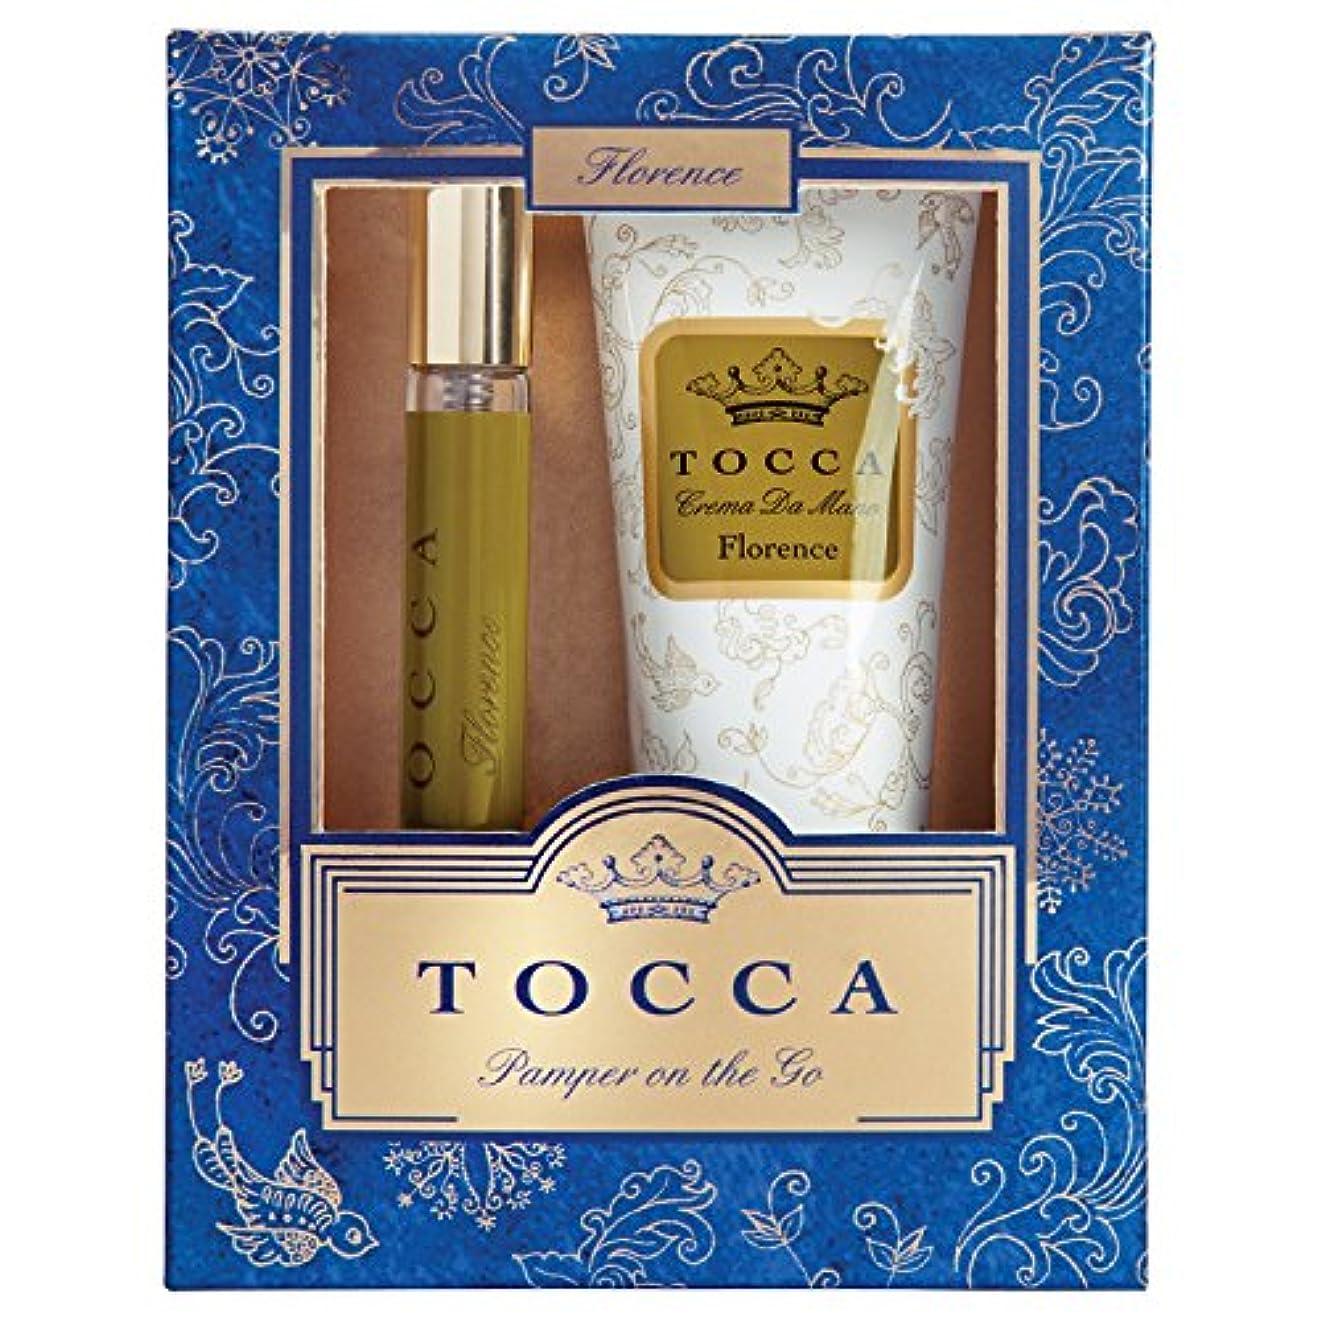 。大破郵便物トッカ(TOCCA) トラベルパンパーセットギルディッド フローレンスの香り (ハンドクリーム&香水、限定コフレ)